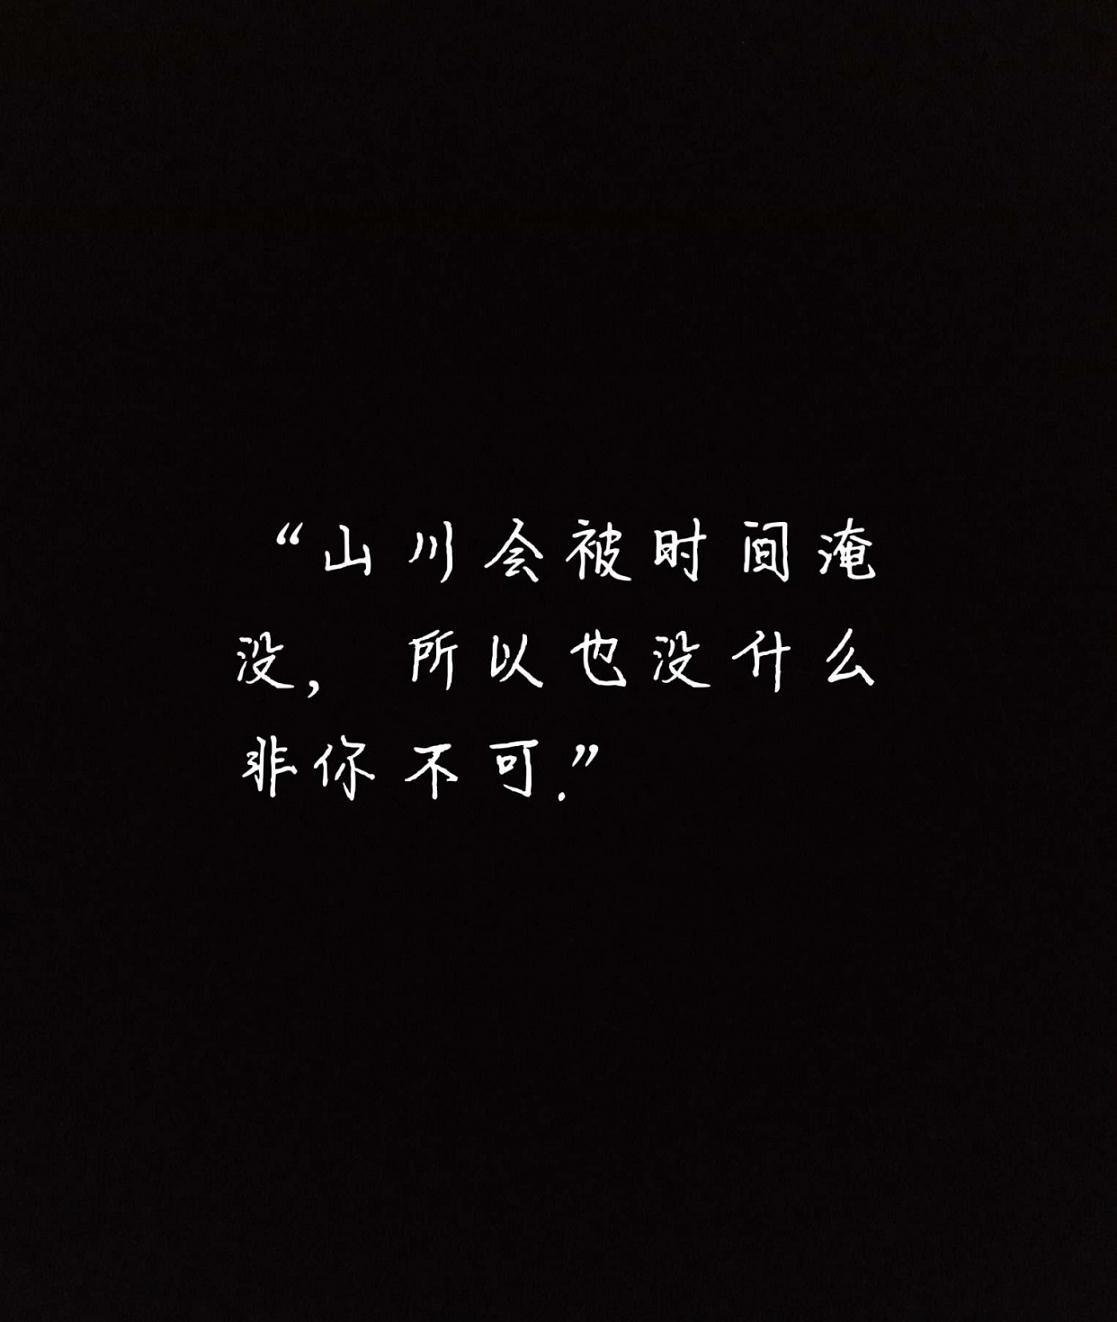 春暖花开禅语句子 第一张